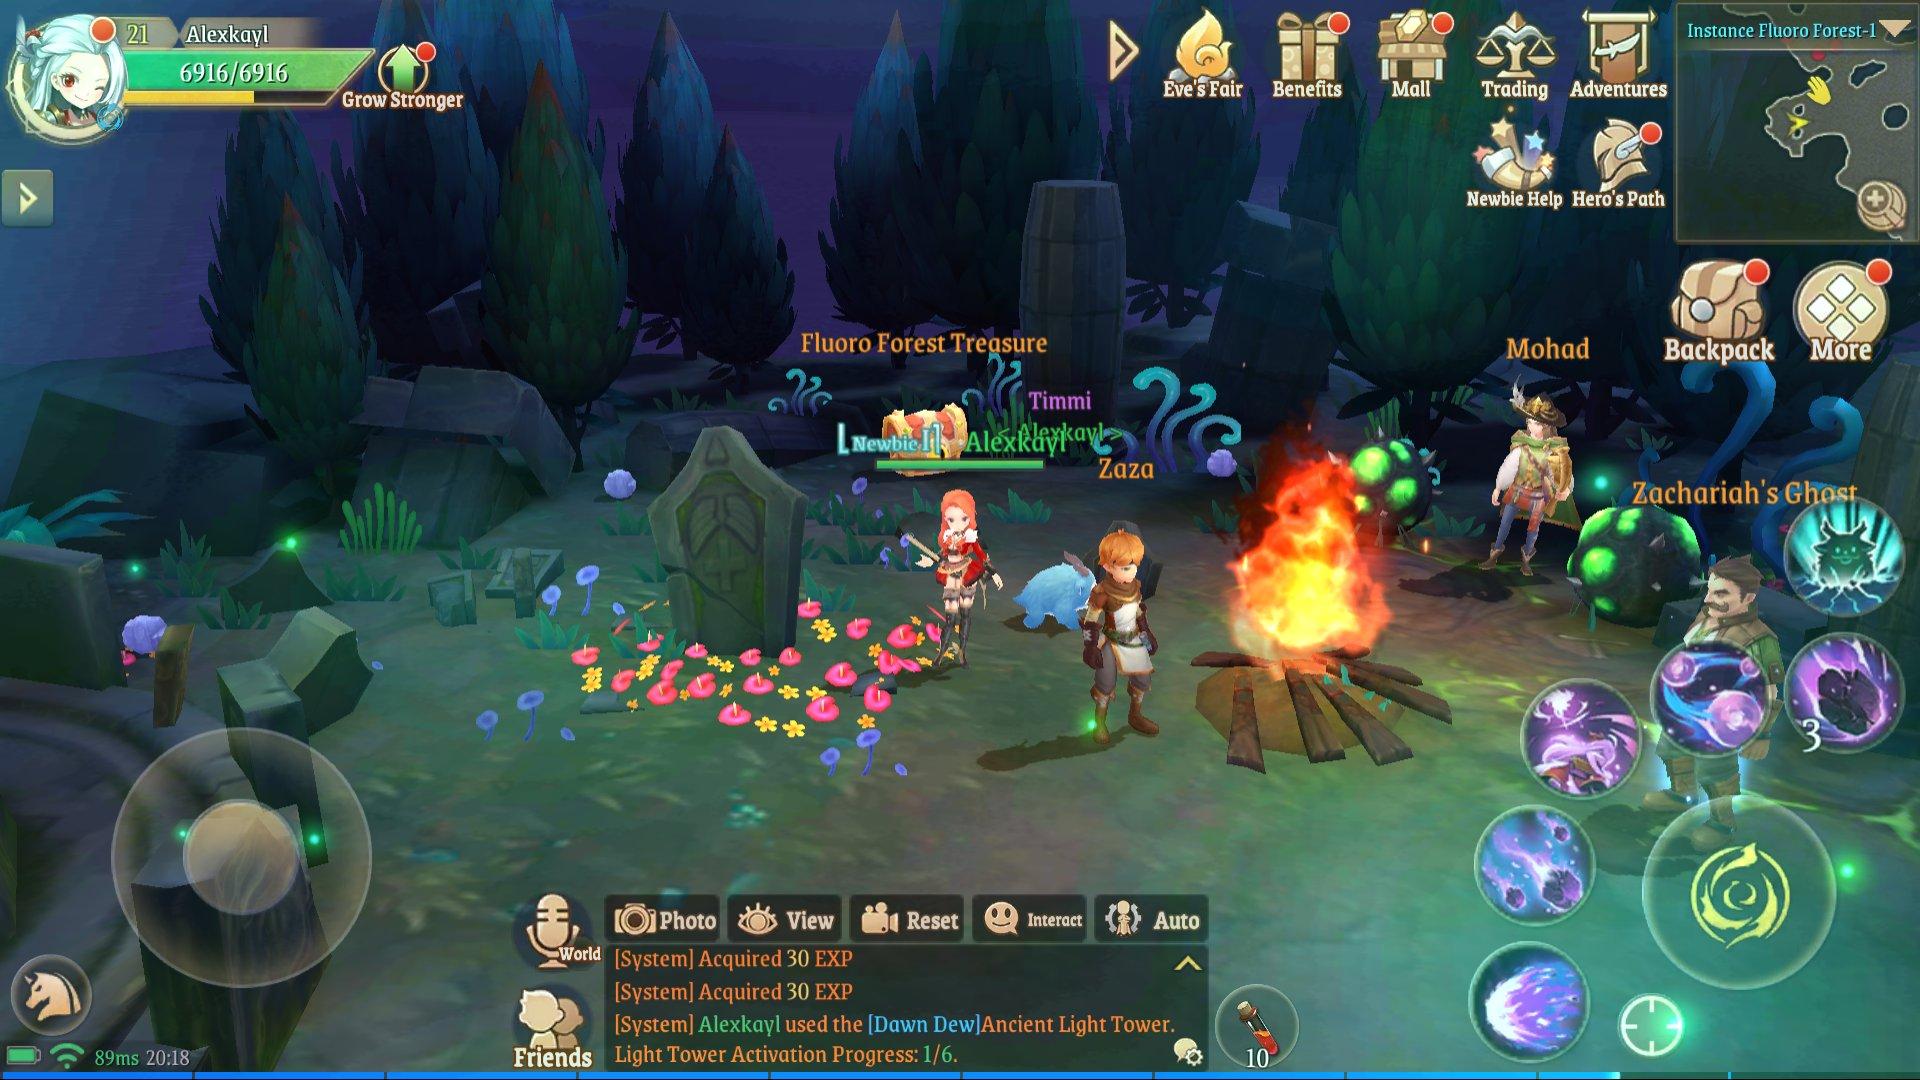 Treasure Map (L) 7: Fluoro Forest left area near the bonfire